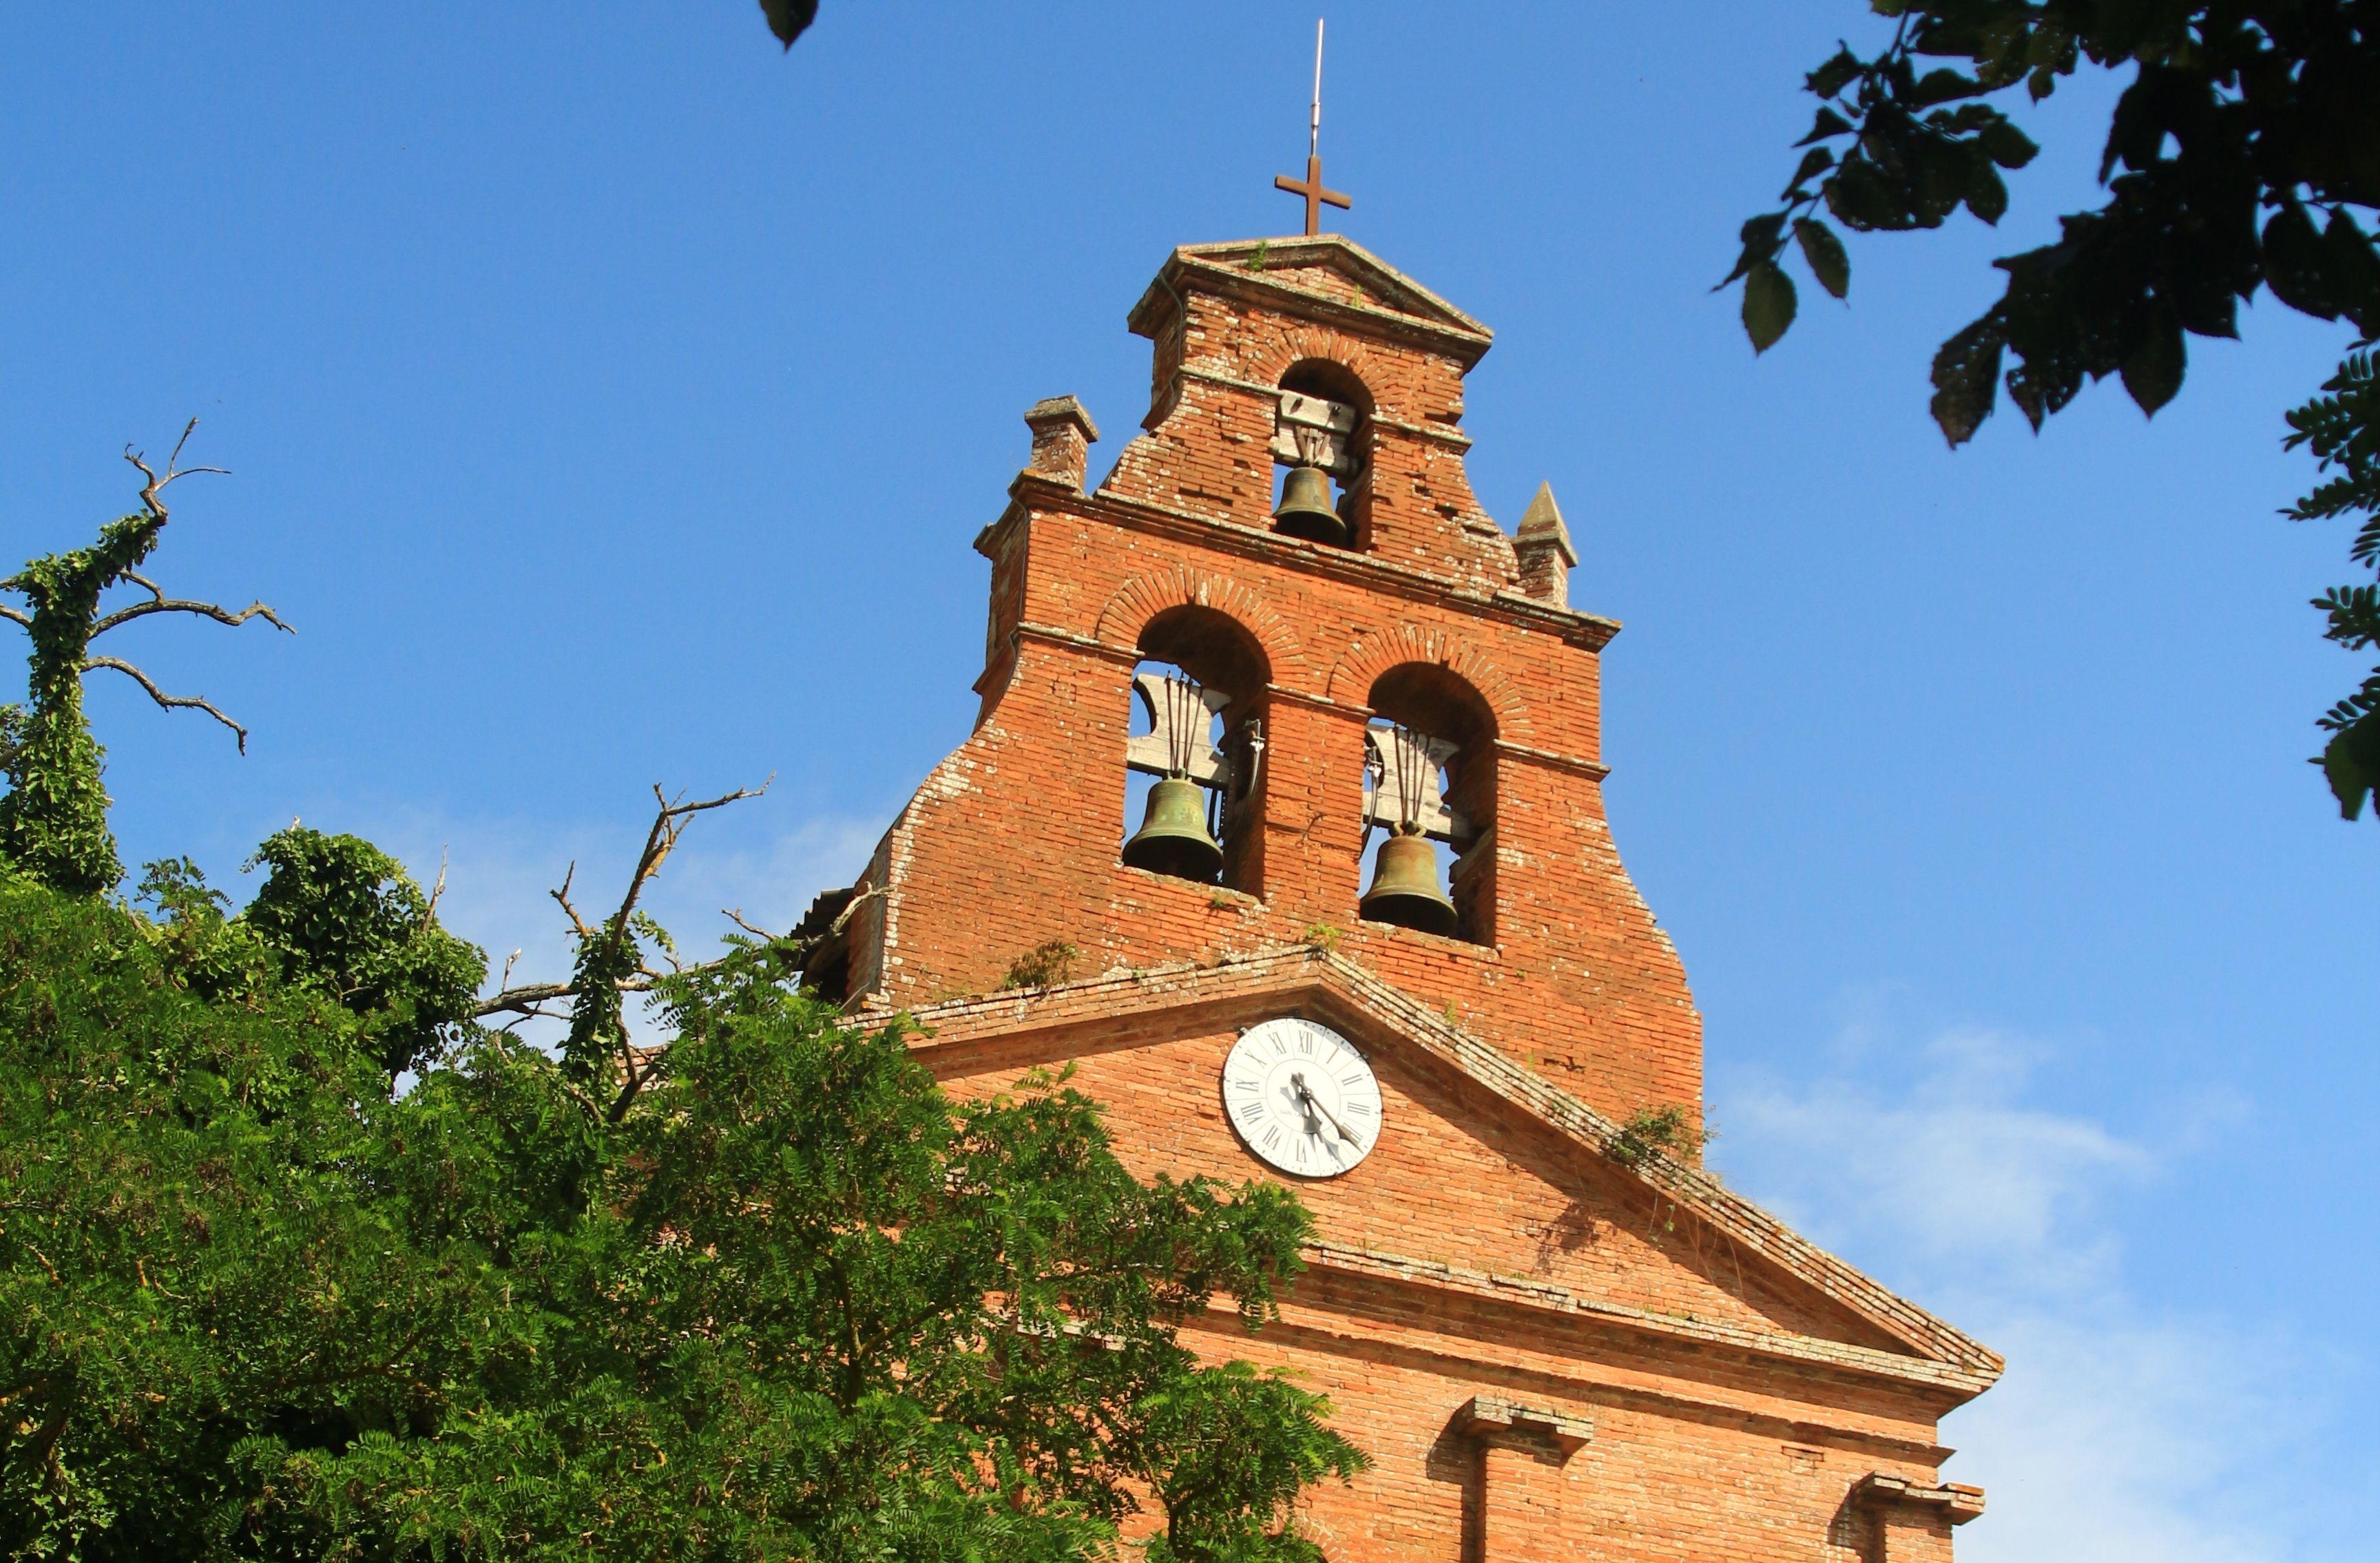 Eglise Saint Etienne de Vieillevigne